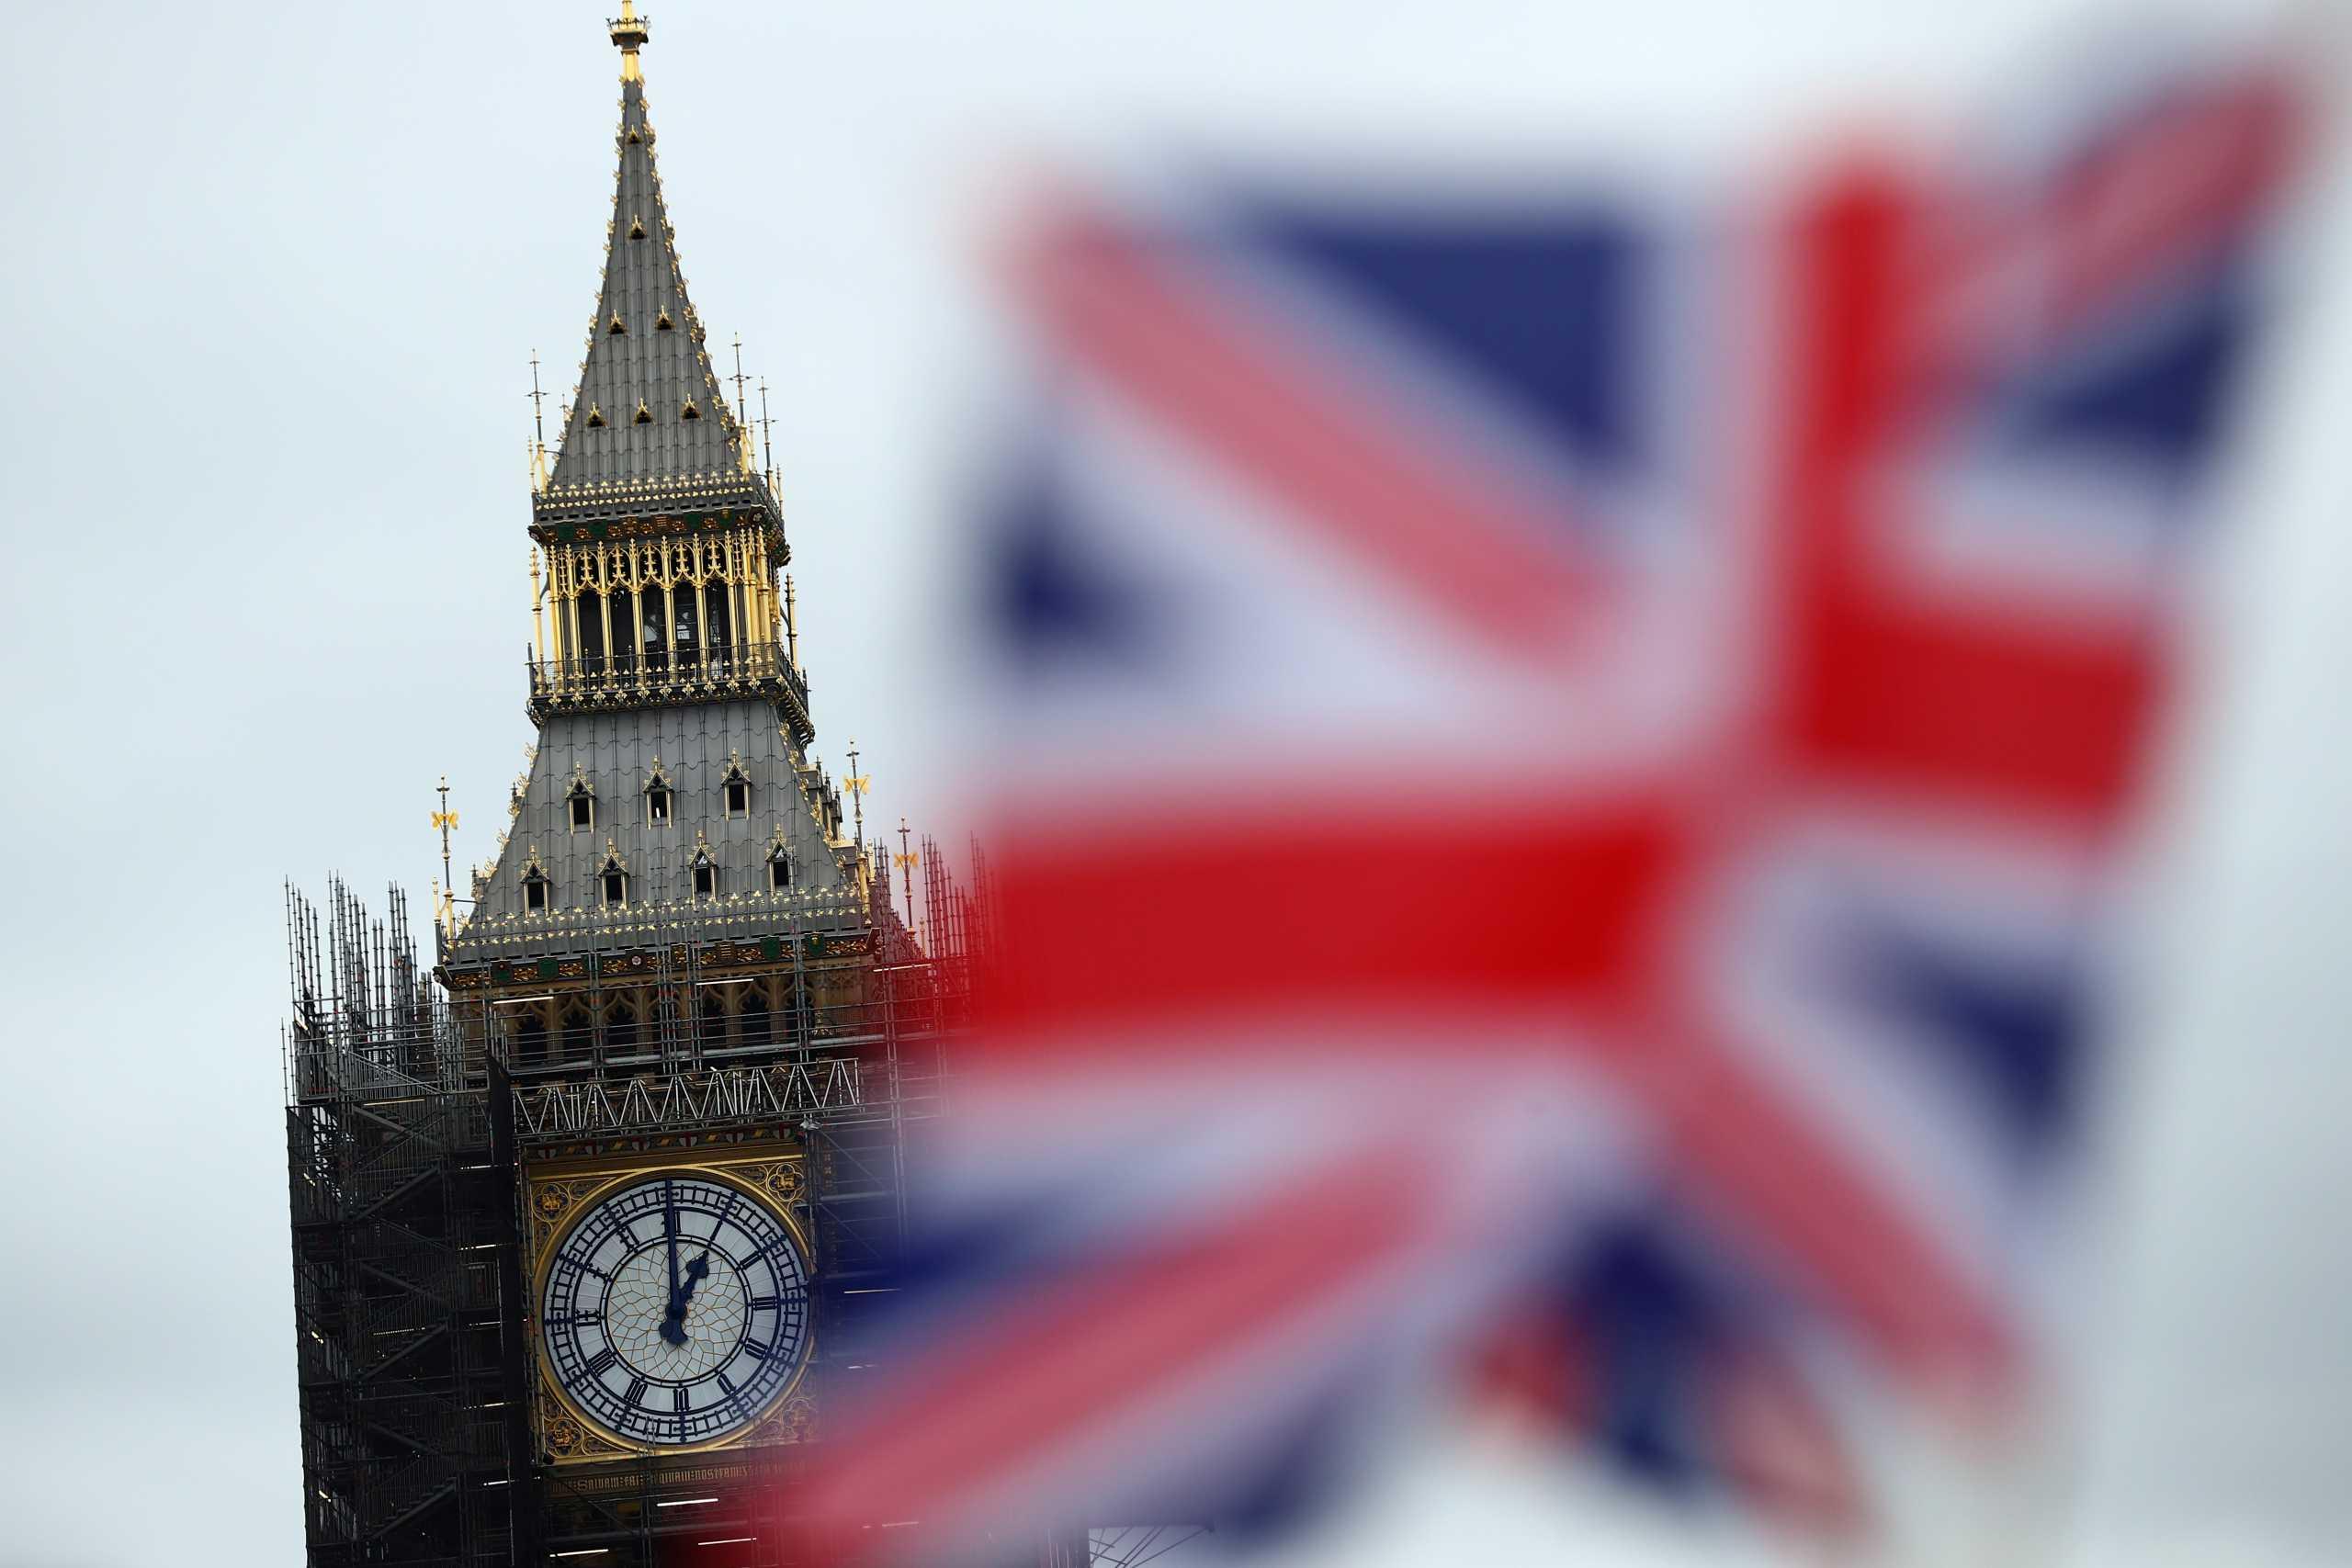 Βρετανία: Η Σάρον Γκράχαμ η πρώτη γυναίκα που θα διοικήσει το ισχυρό συνδικάτο Unite